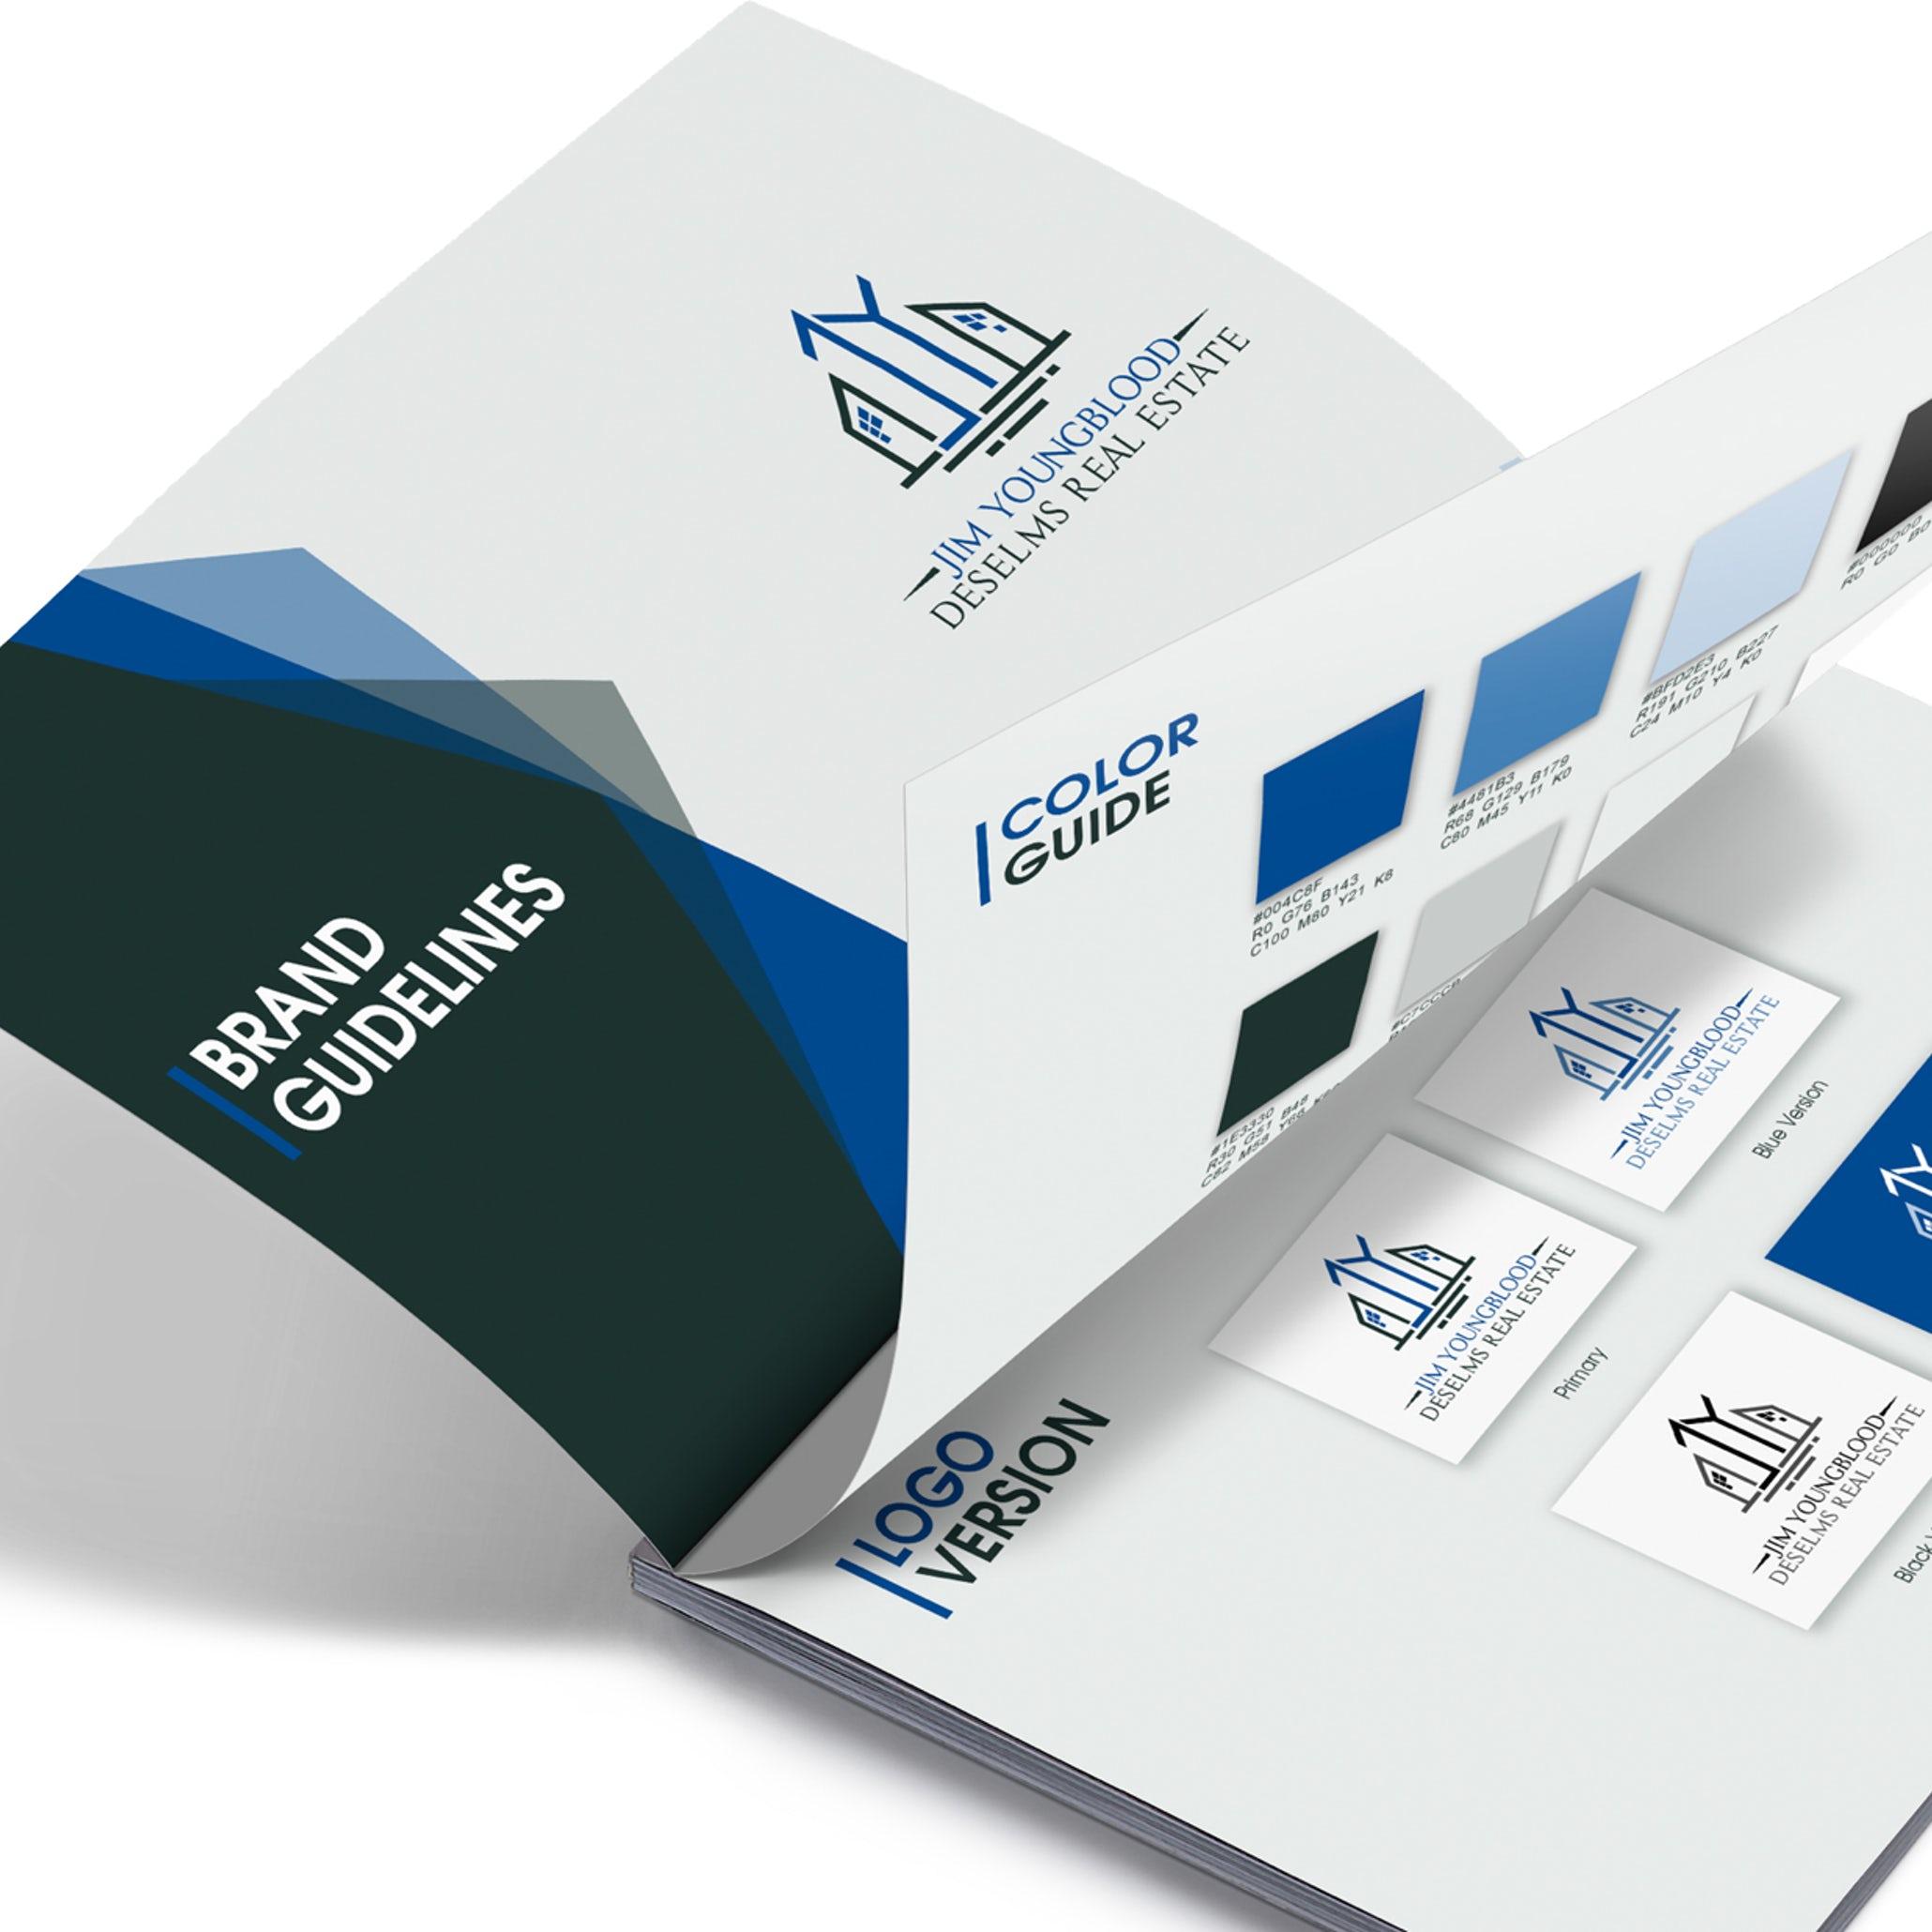 Quy chuẩn bộ nhận diện thương hiệu đối với các doanh nghiệp